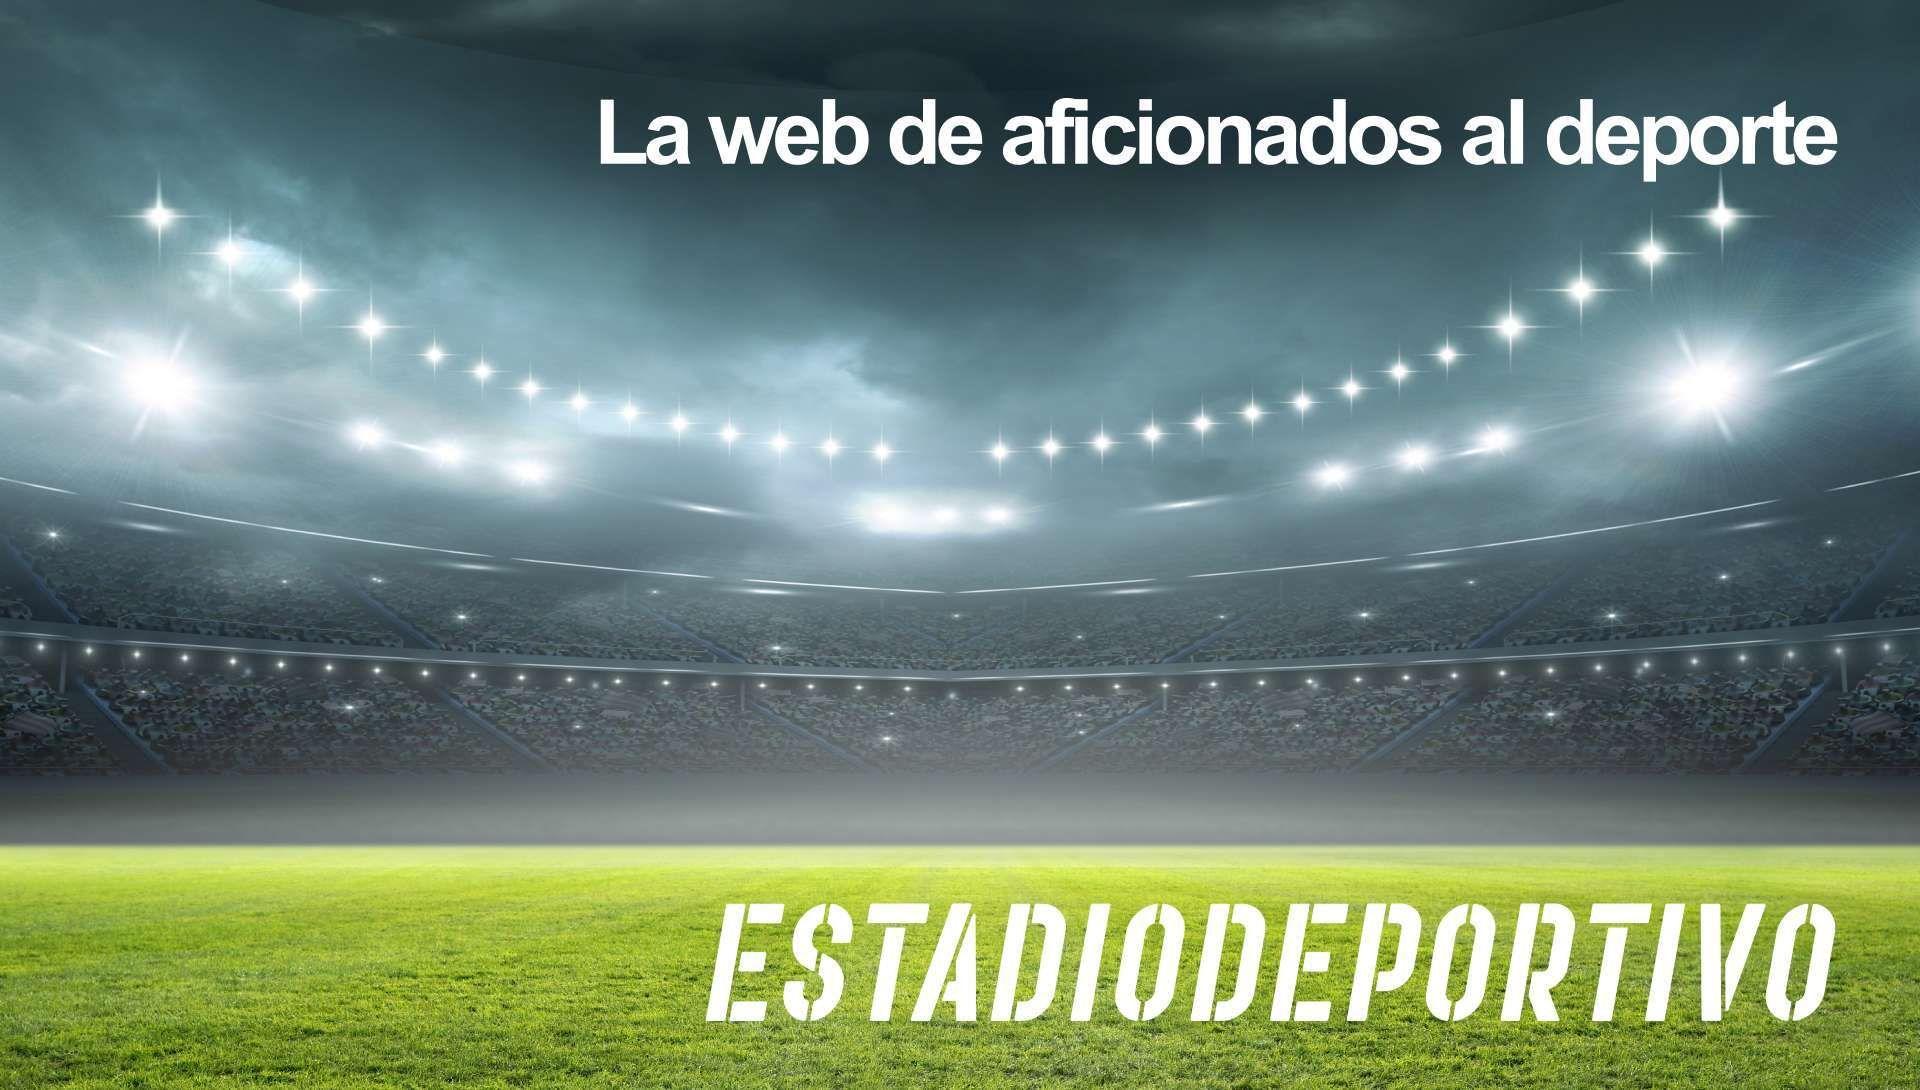 Las portadas del viernes 29 de enero